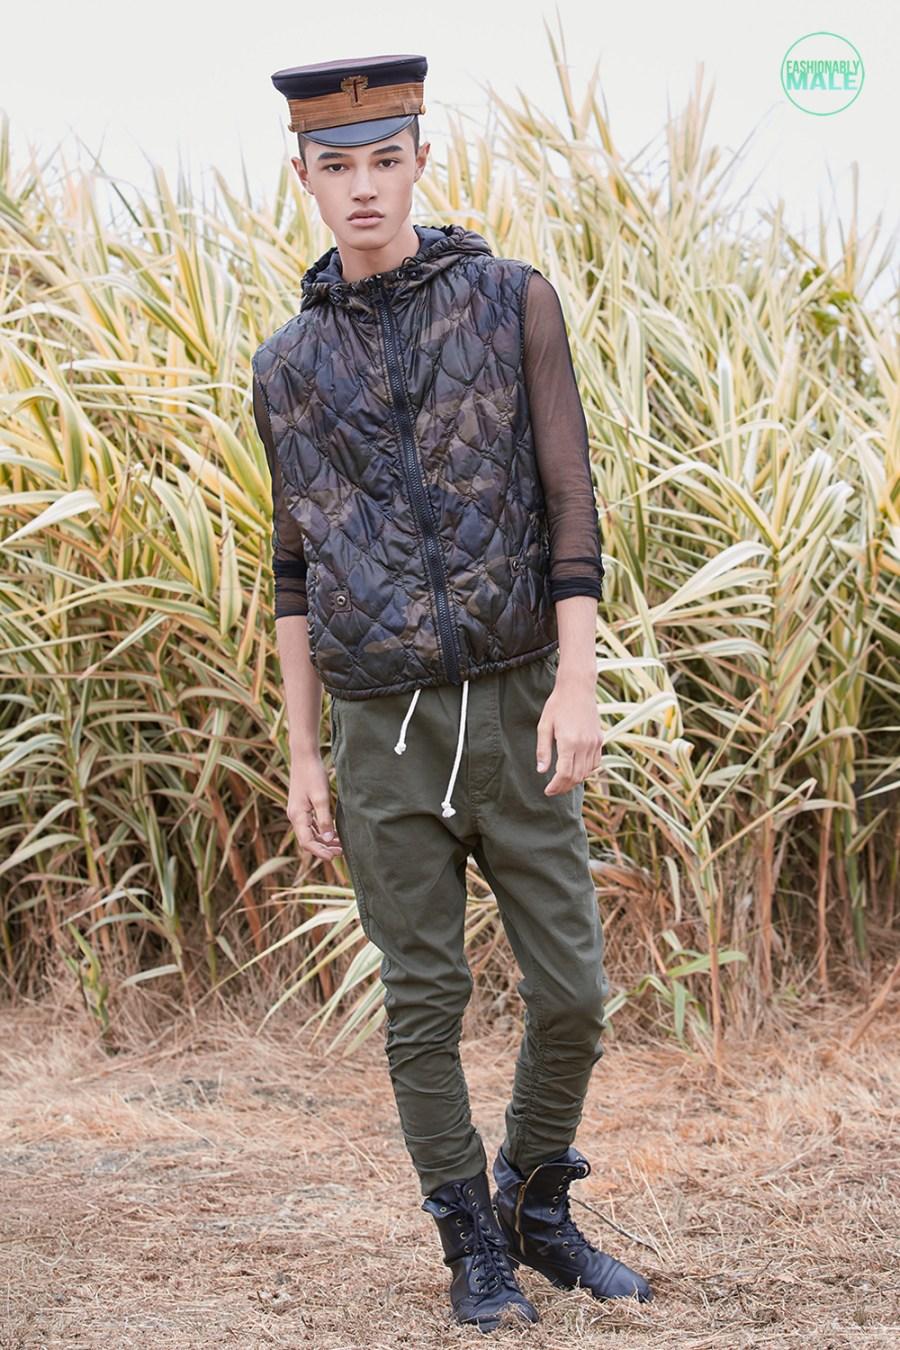 Seth McBride by Donato Di Natale for Fashionably Male1